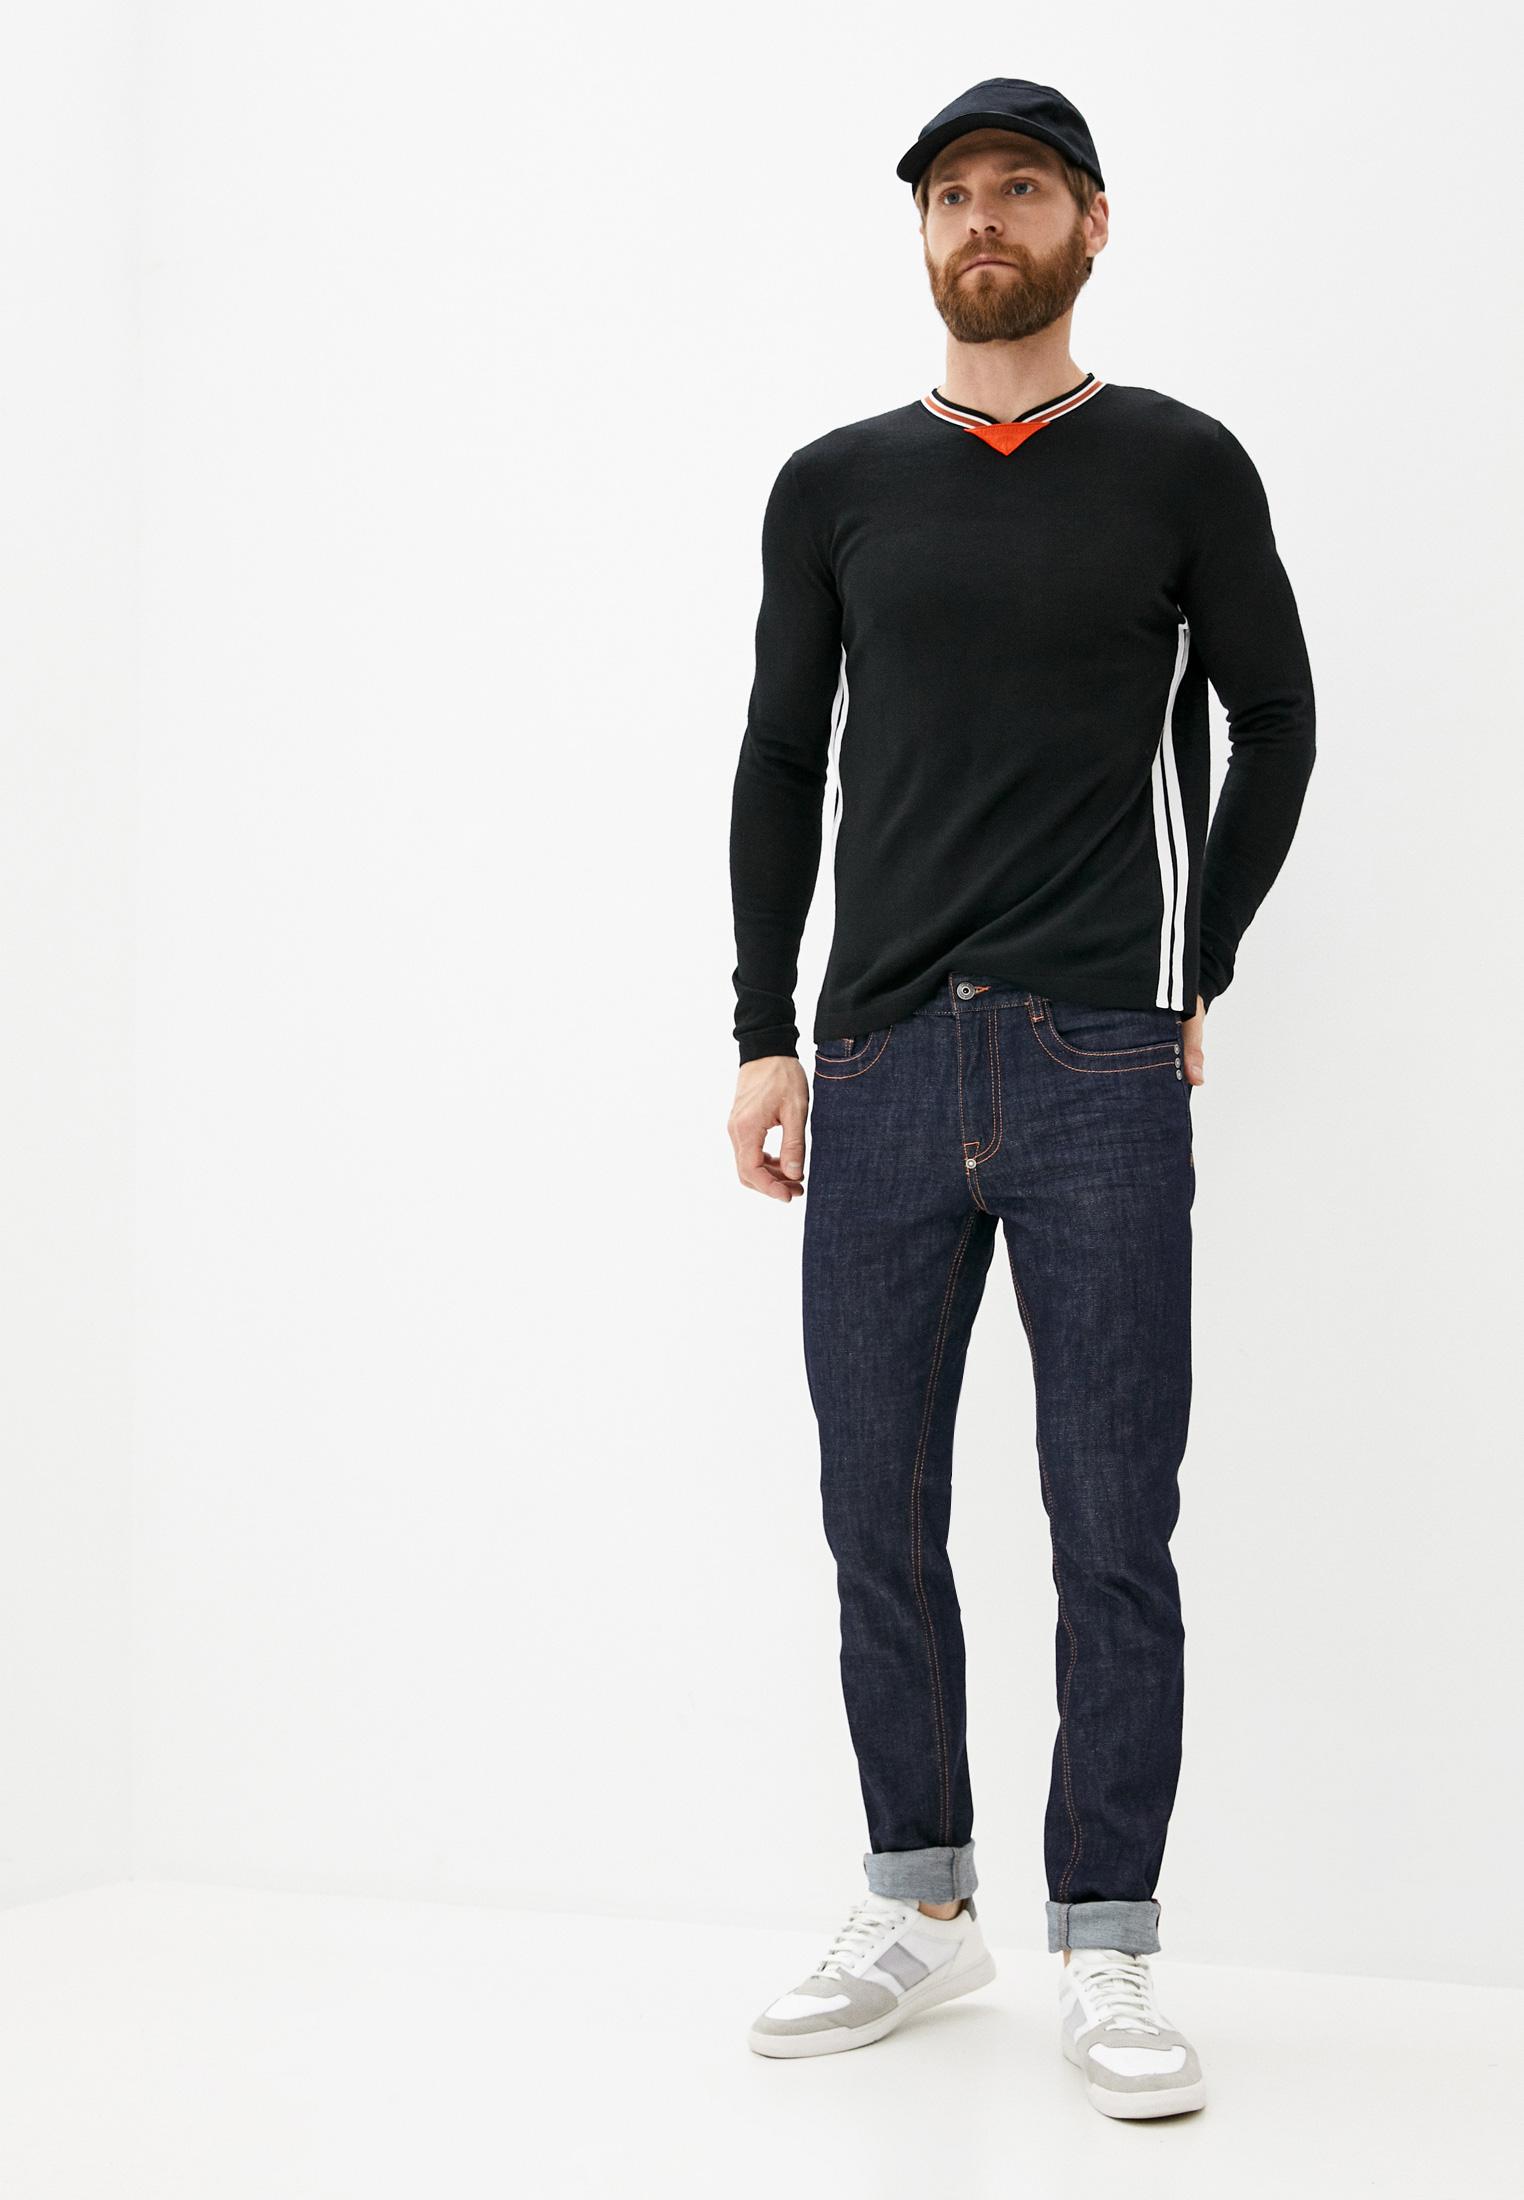 Пуловер Bikkembergs (Биккембергс) c s v21 10 x 1306: изображение 3